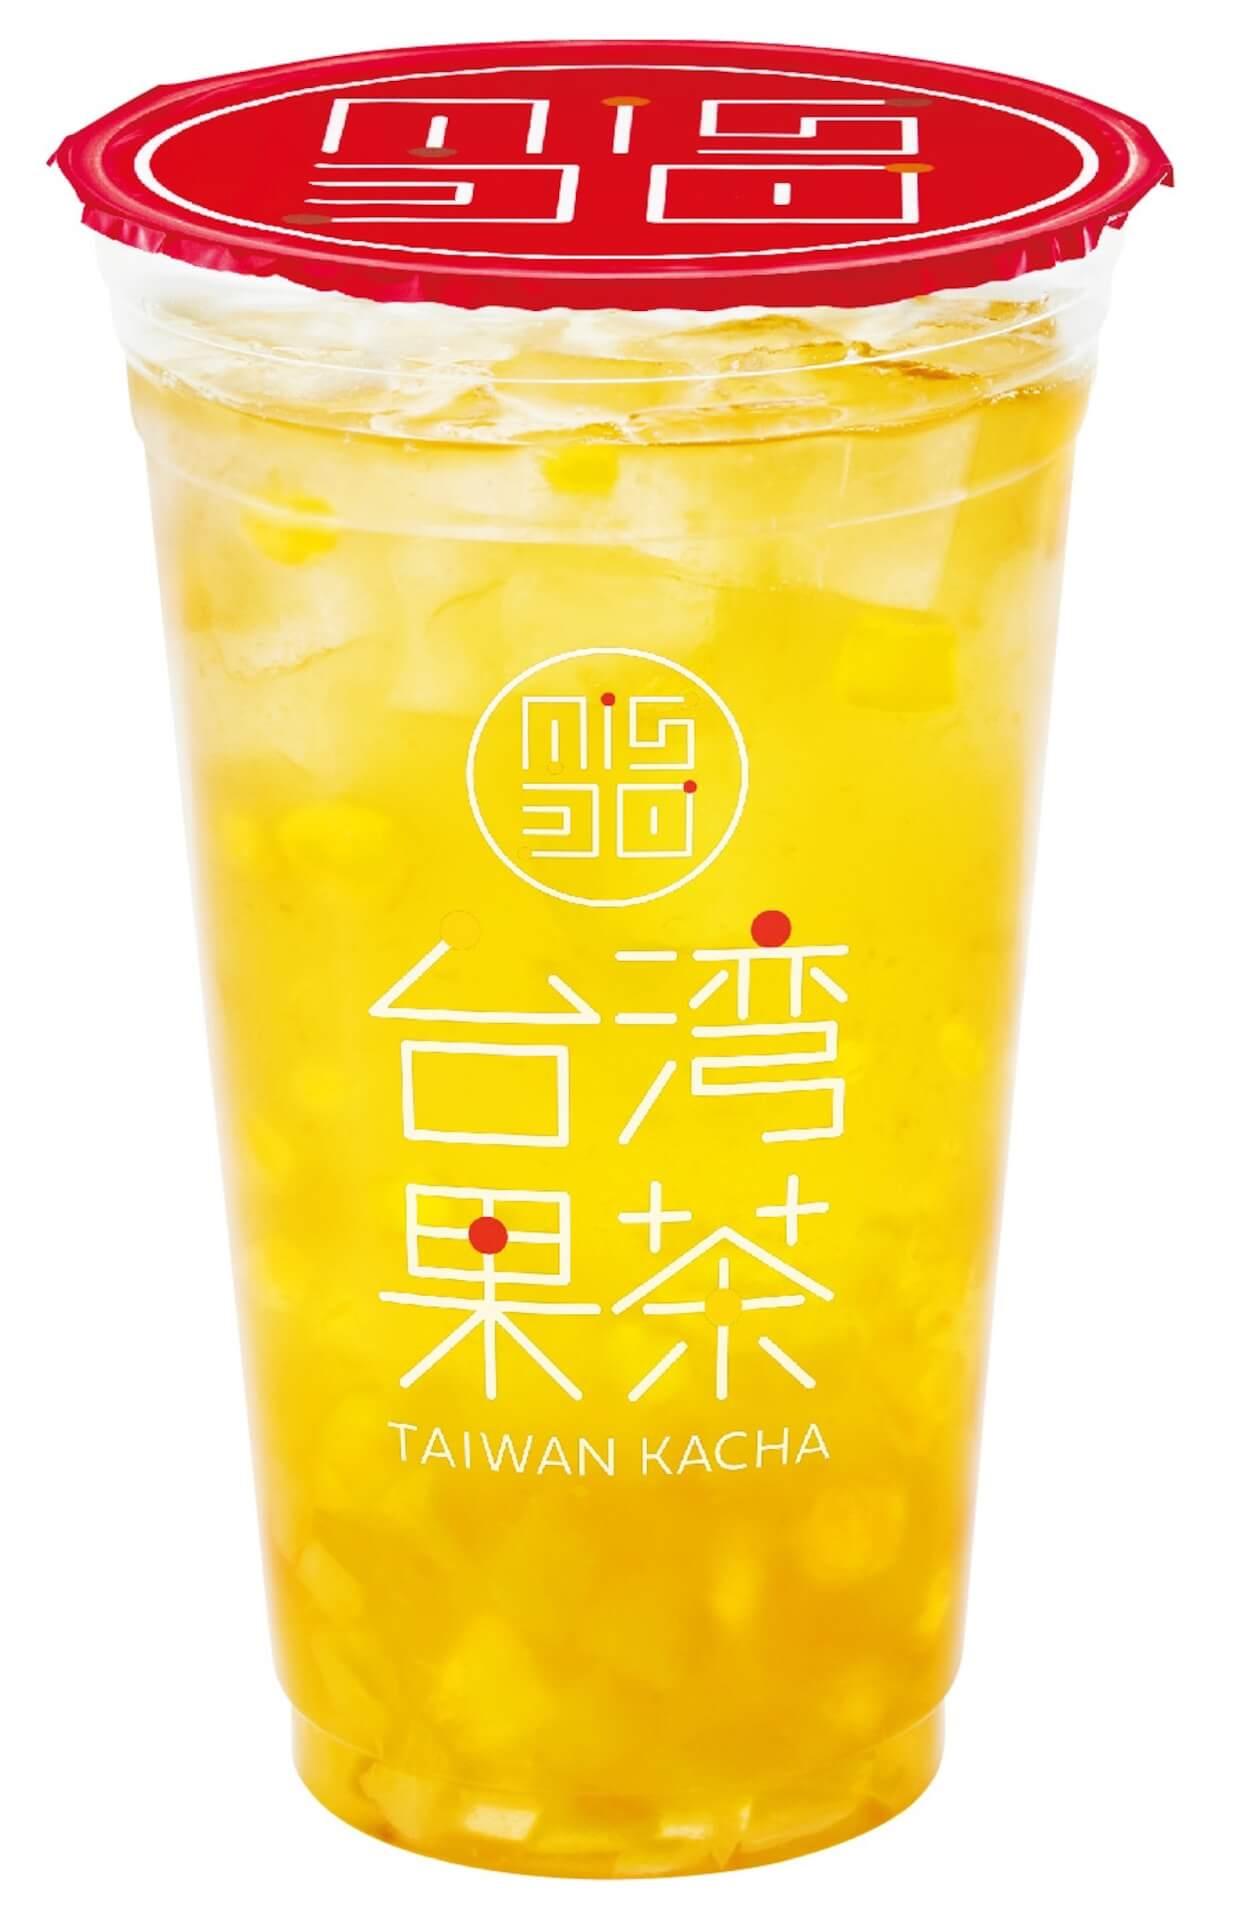 """ミスドから""""カチャカチャ""""振って飲むフルーツティ「台湾果茶」期間限定販売!ギフトチケット(ギフティ)1,000円分がもらえるキャンペーンも実施 gourmet210423_misterdonut-210423_3"""